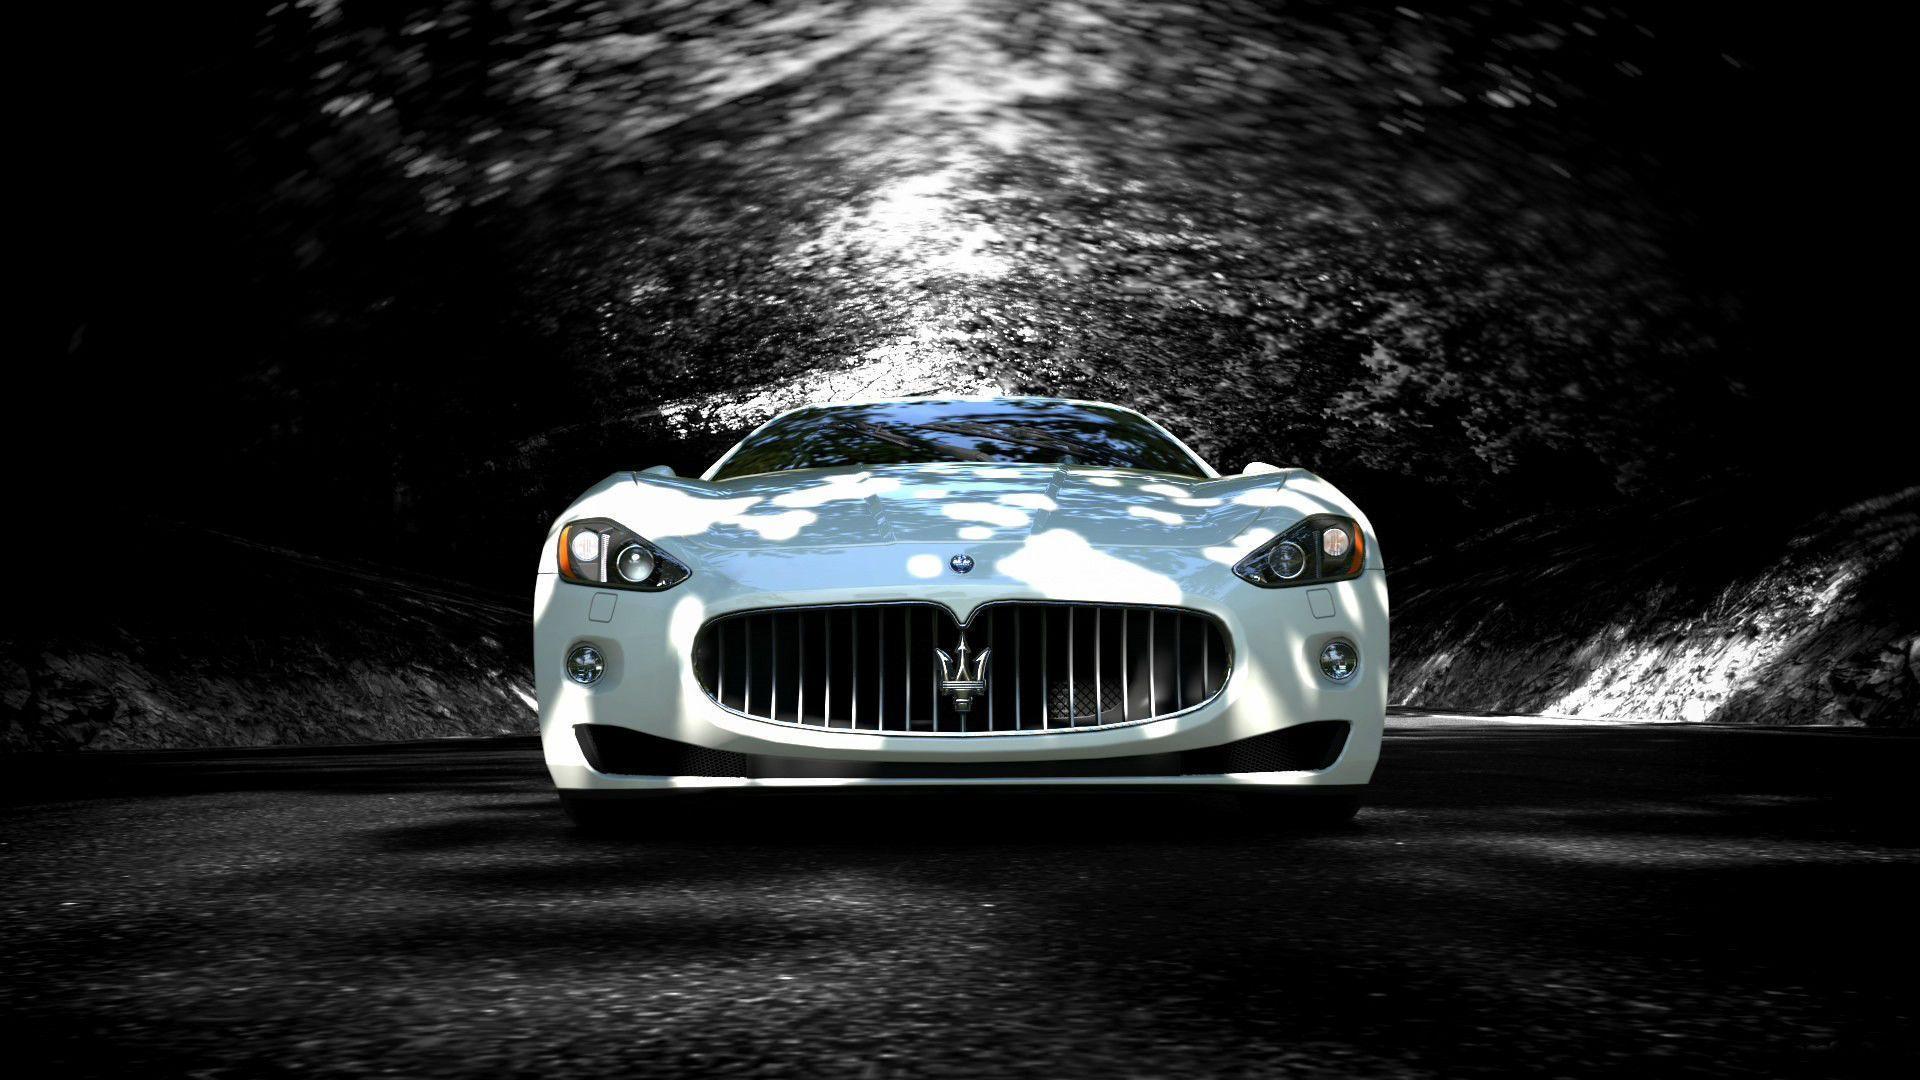 Maserati Wallpapers   Top Maserati Backgrounds   WallpaperAccess 1920x1080